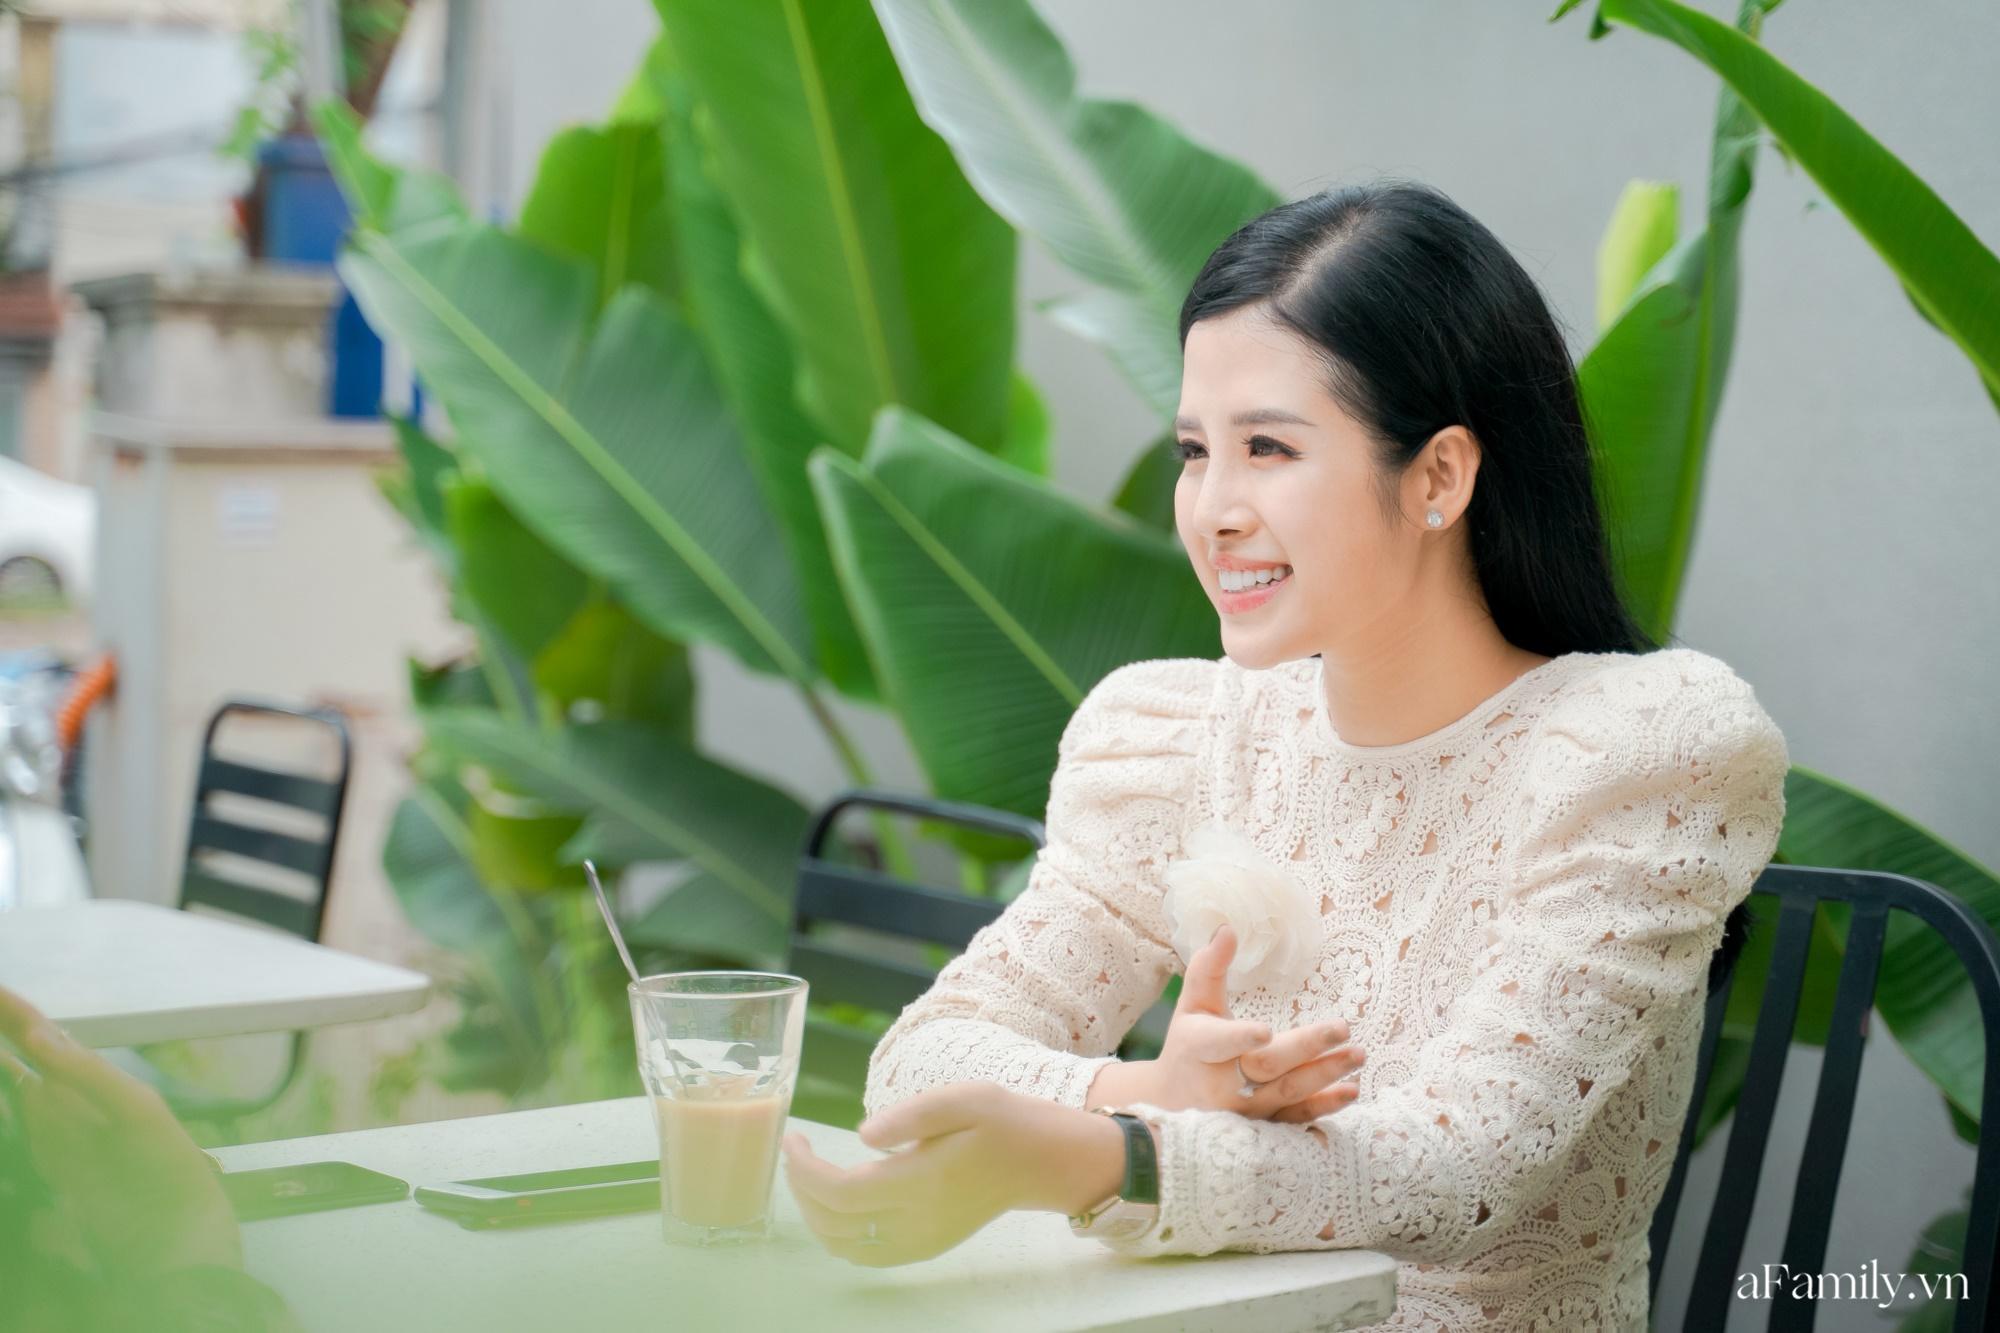 """Gặp gỡ MC Hải Vân – nàng thơ của những chương trình gai góc trên sóng VTV24: """"Ai đồn tôi là cặp kè đại gia để có tất cả thì tôi cũng mừng!"""" - Ảnh 4."""